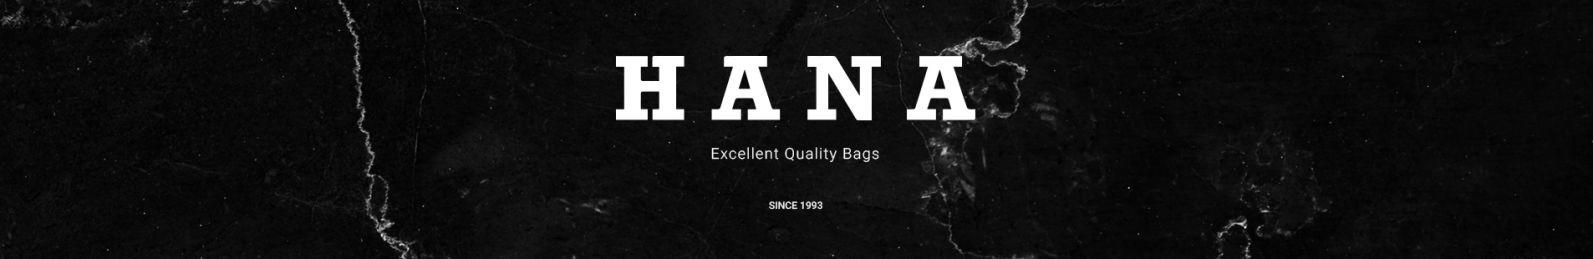 Hana Bags Indonesia